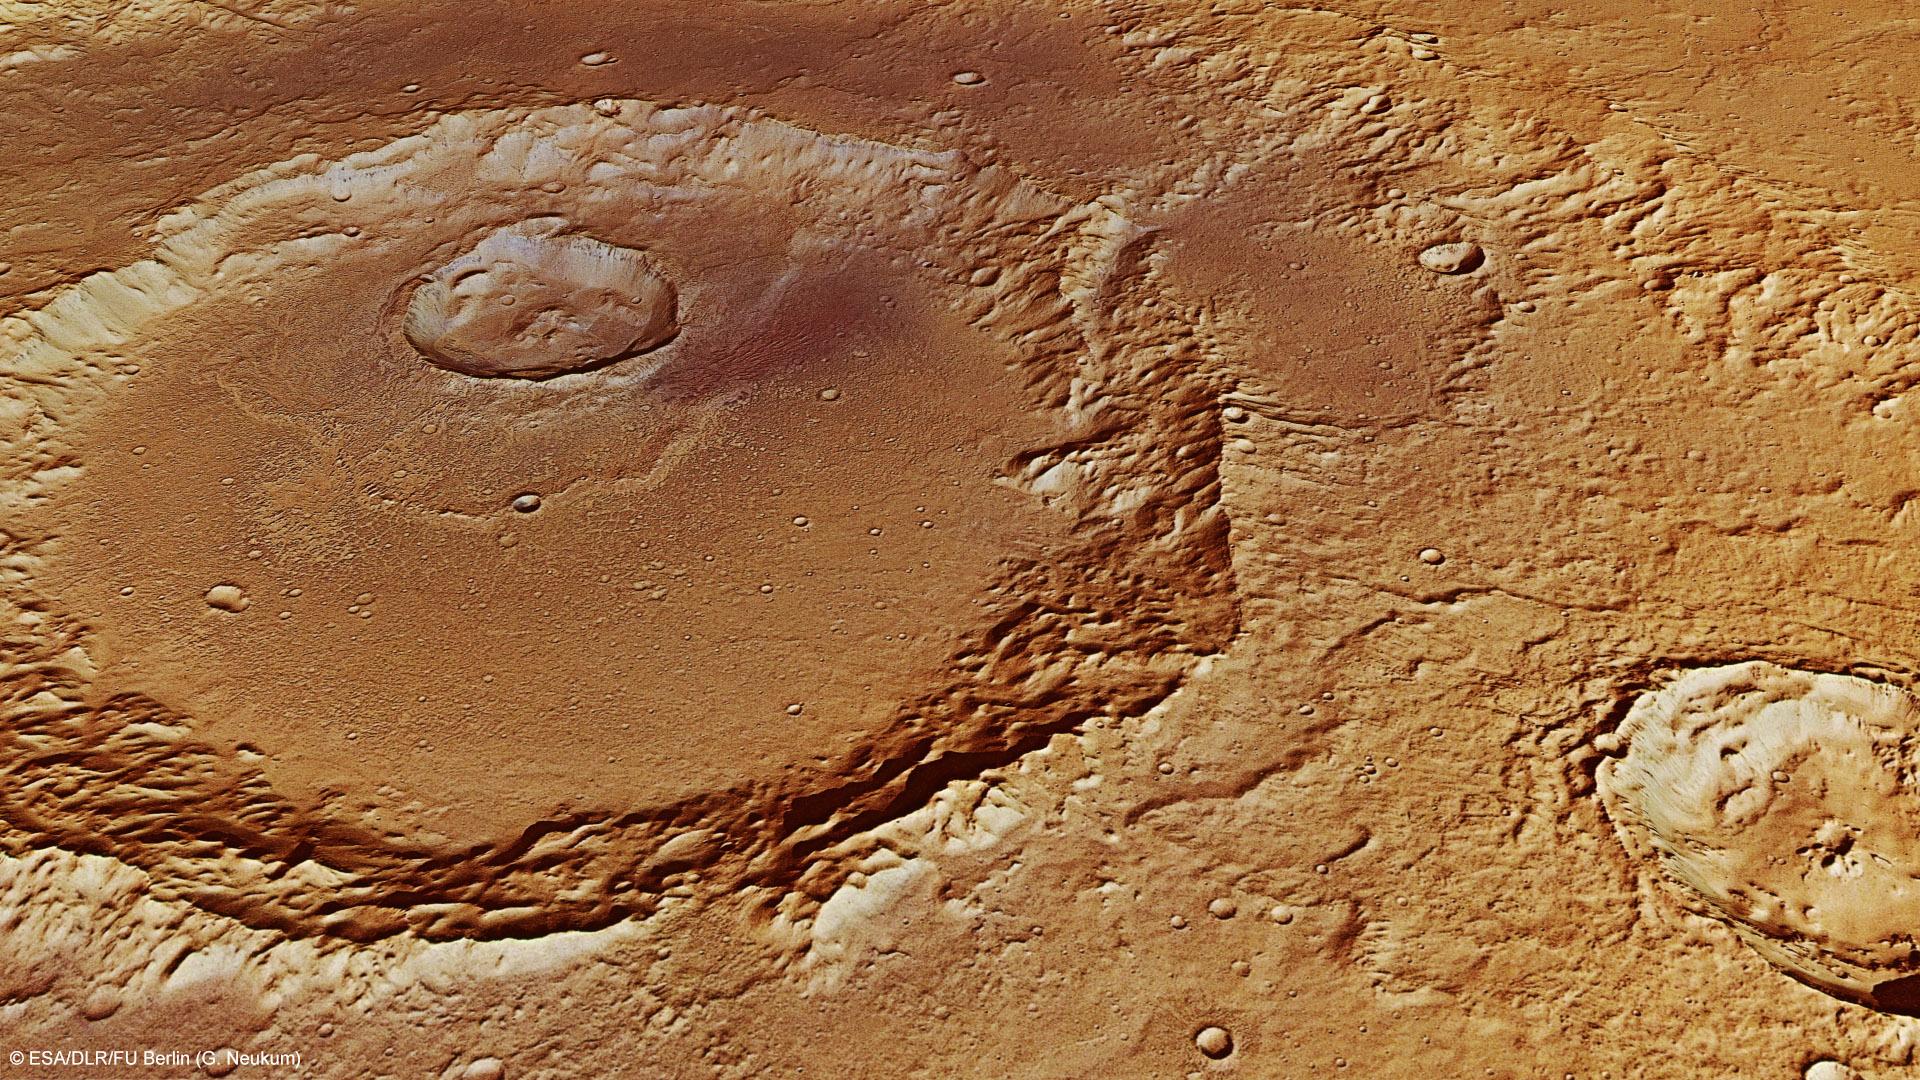 mars planet map hi res - photo #39